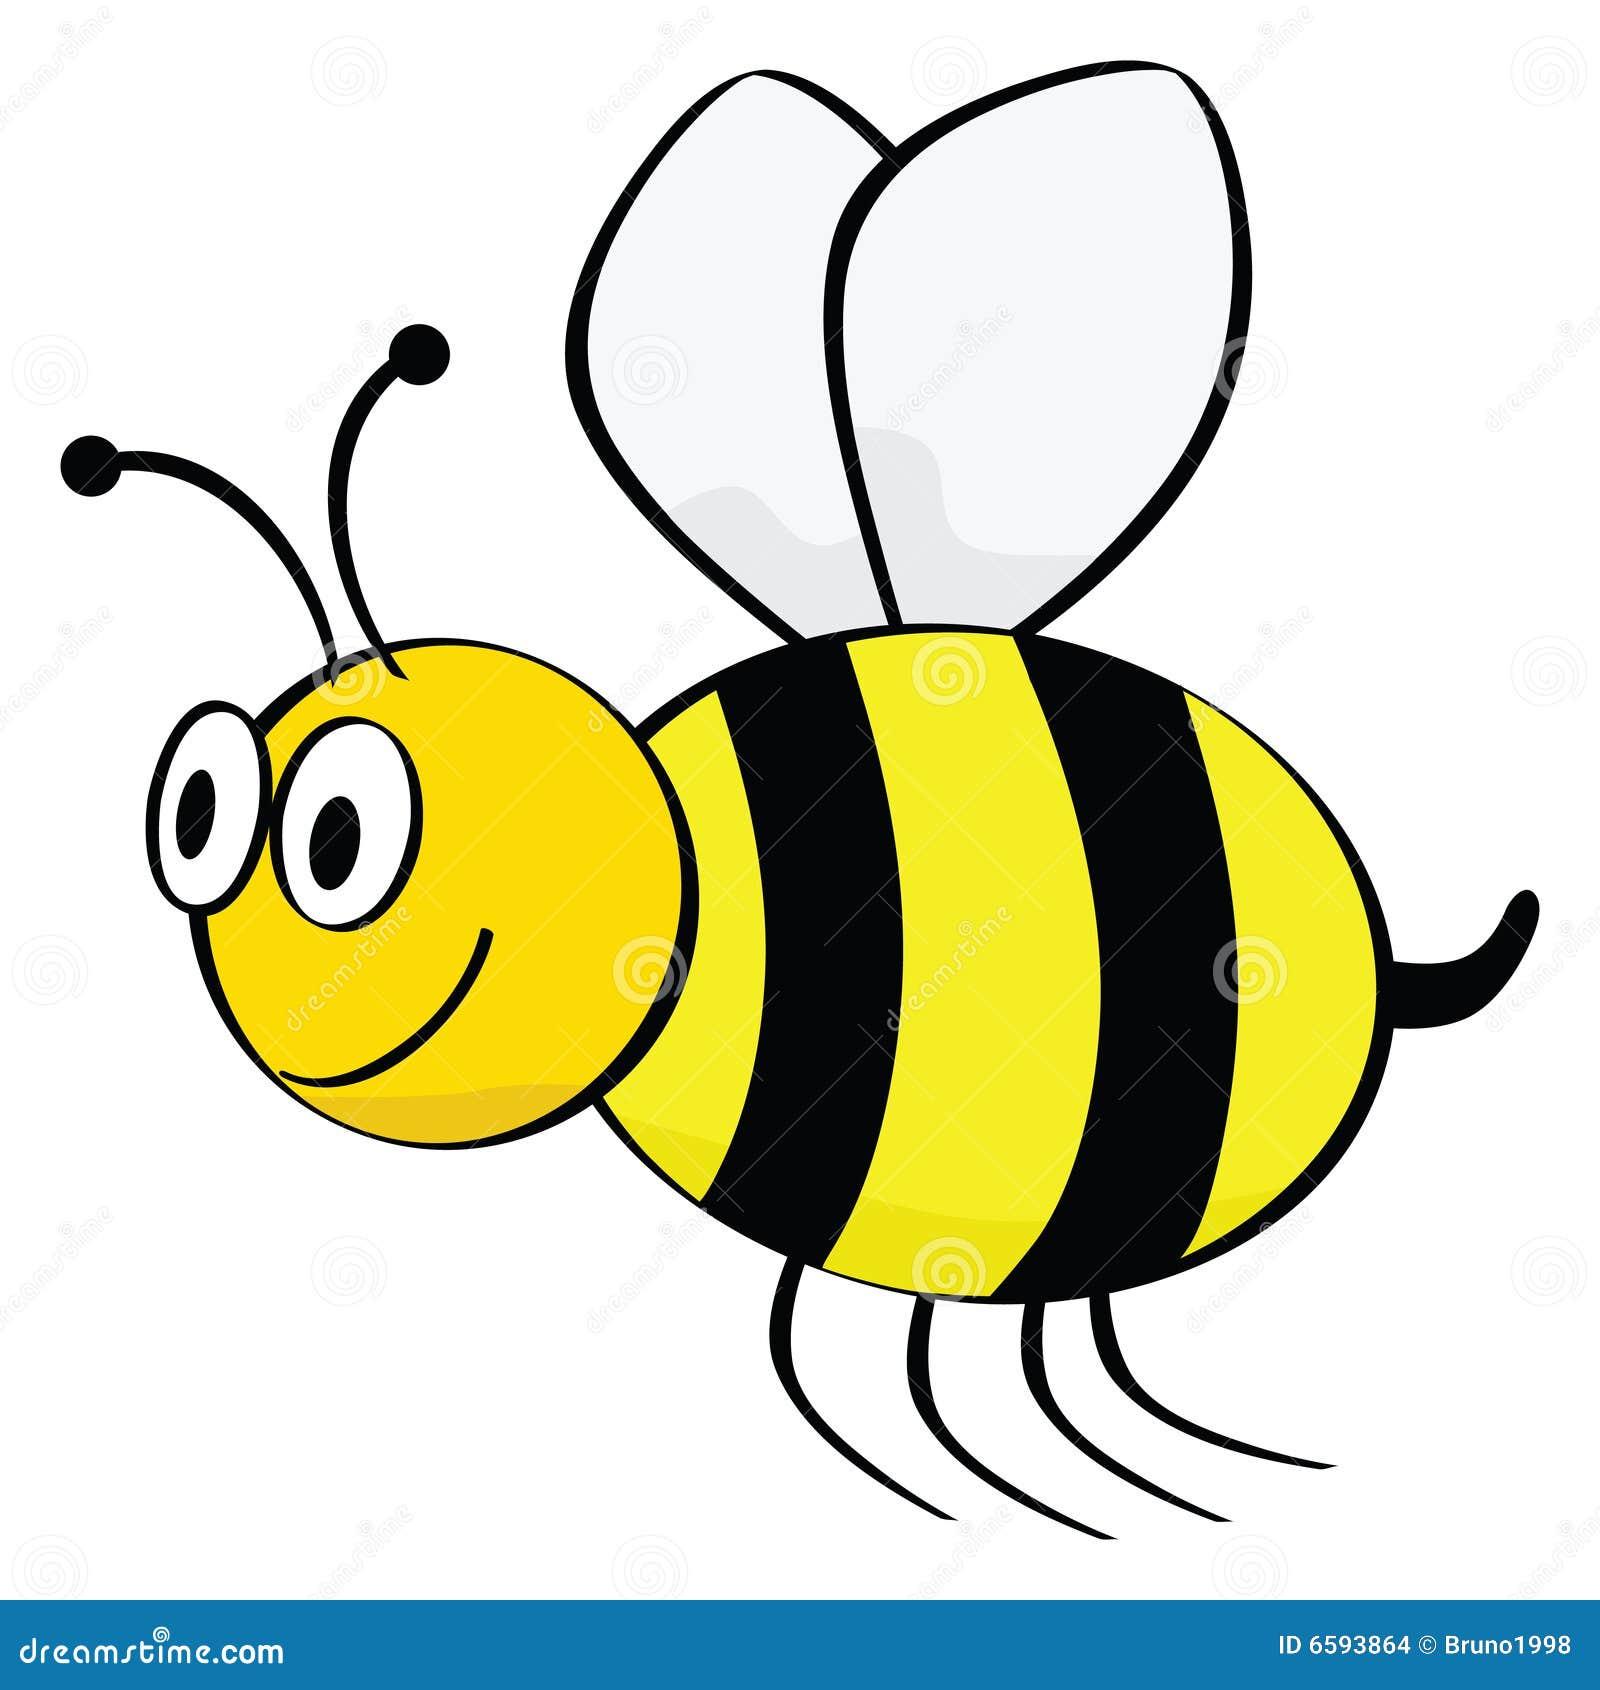 Cartoon bees flying - photo#16